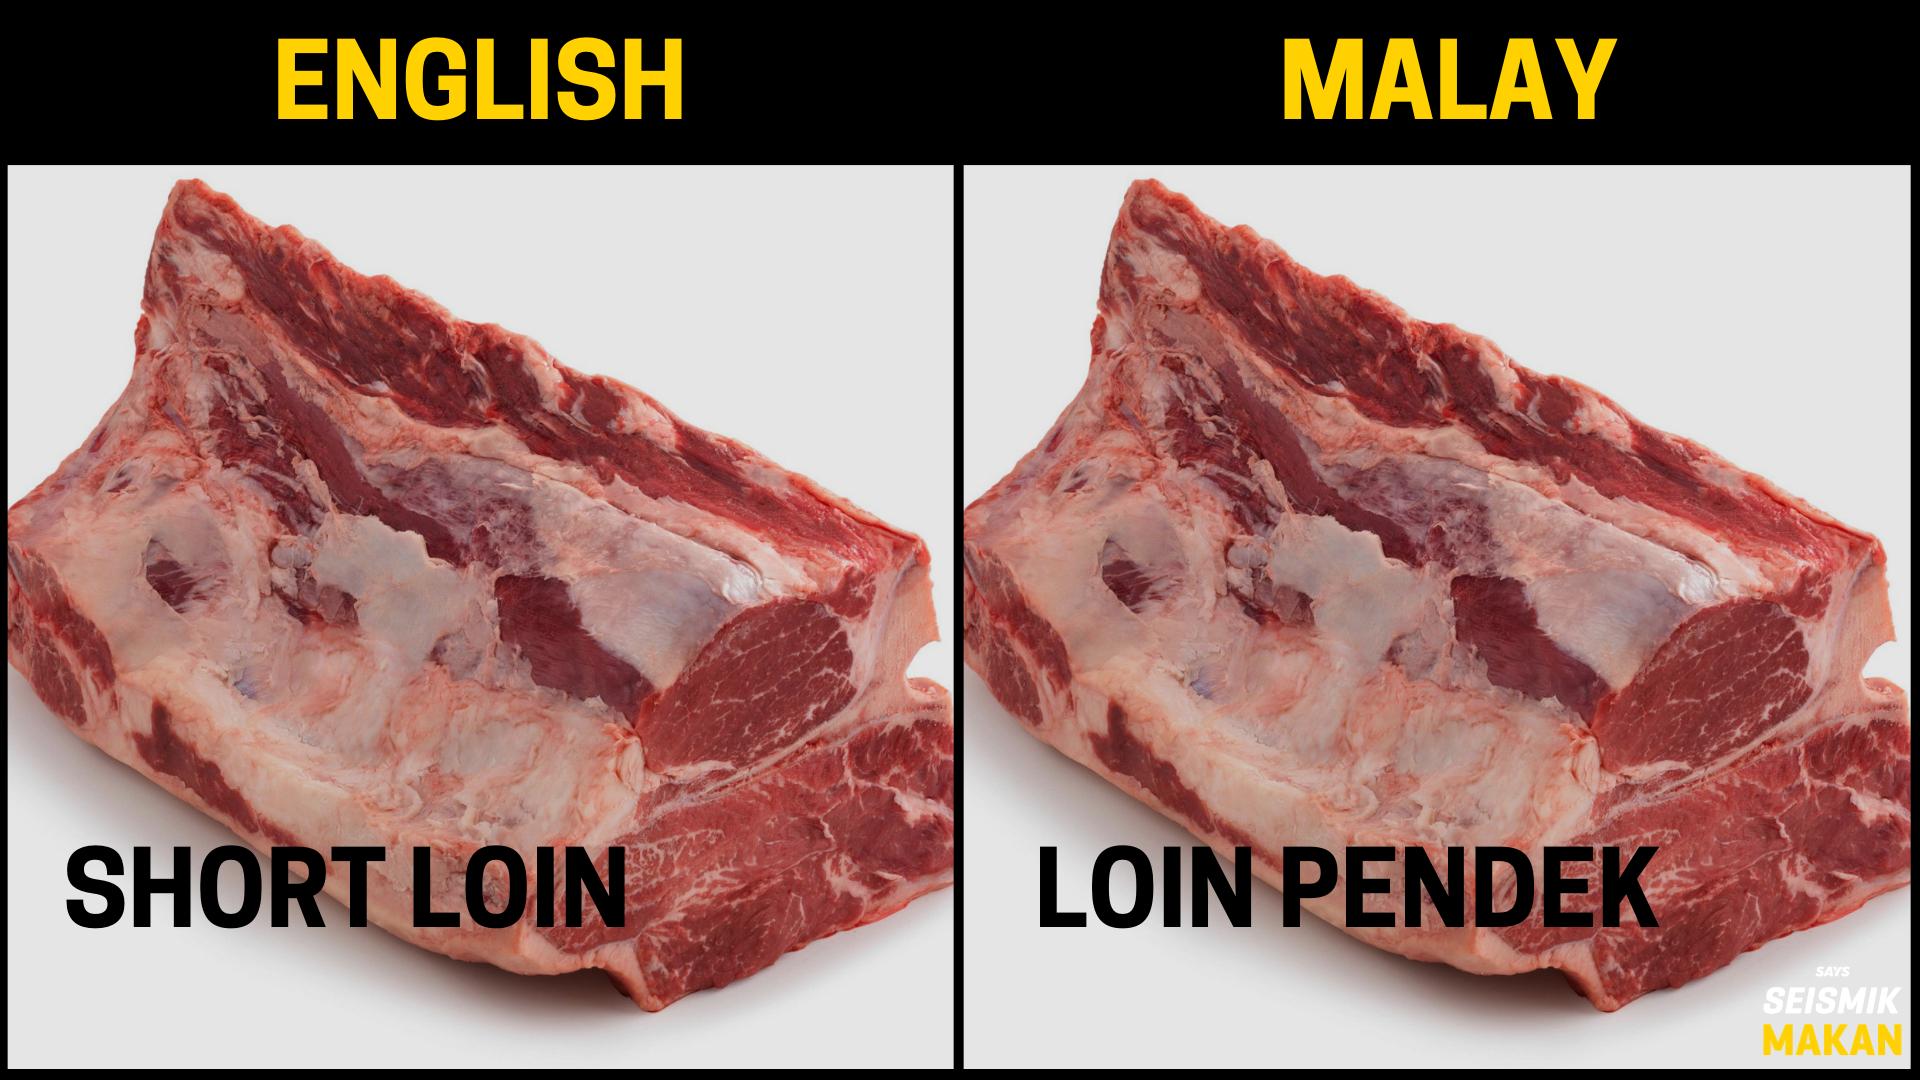 Daging Short Loin Bahasa Melayu